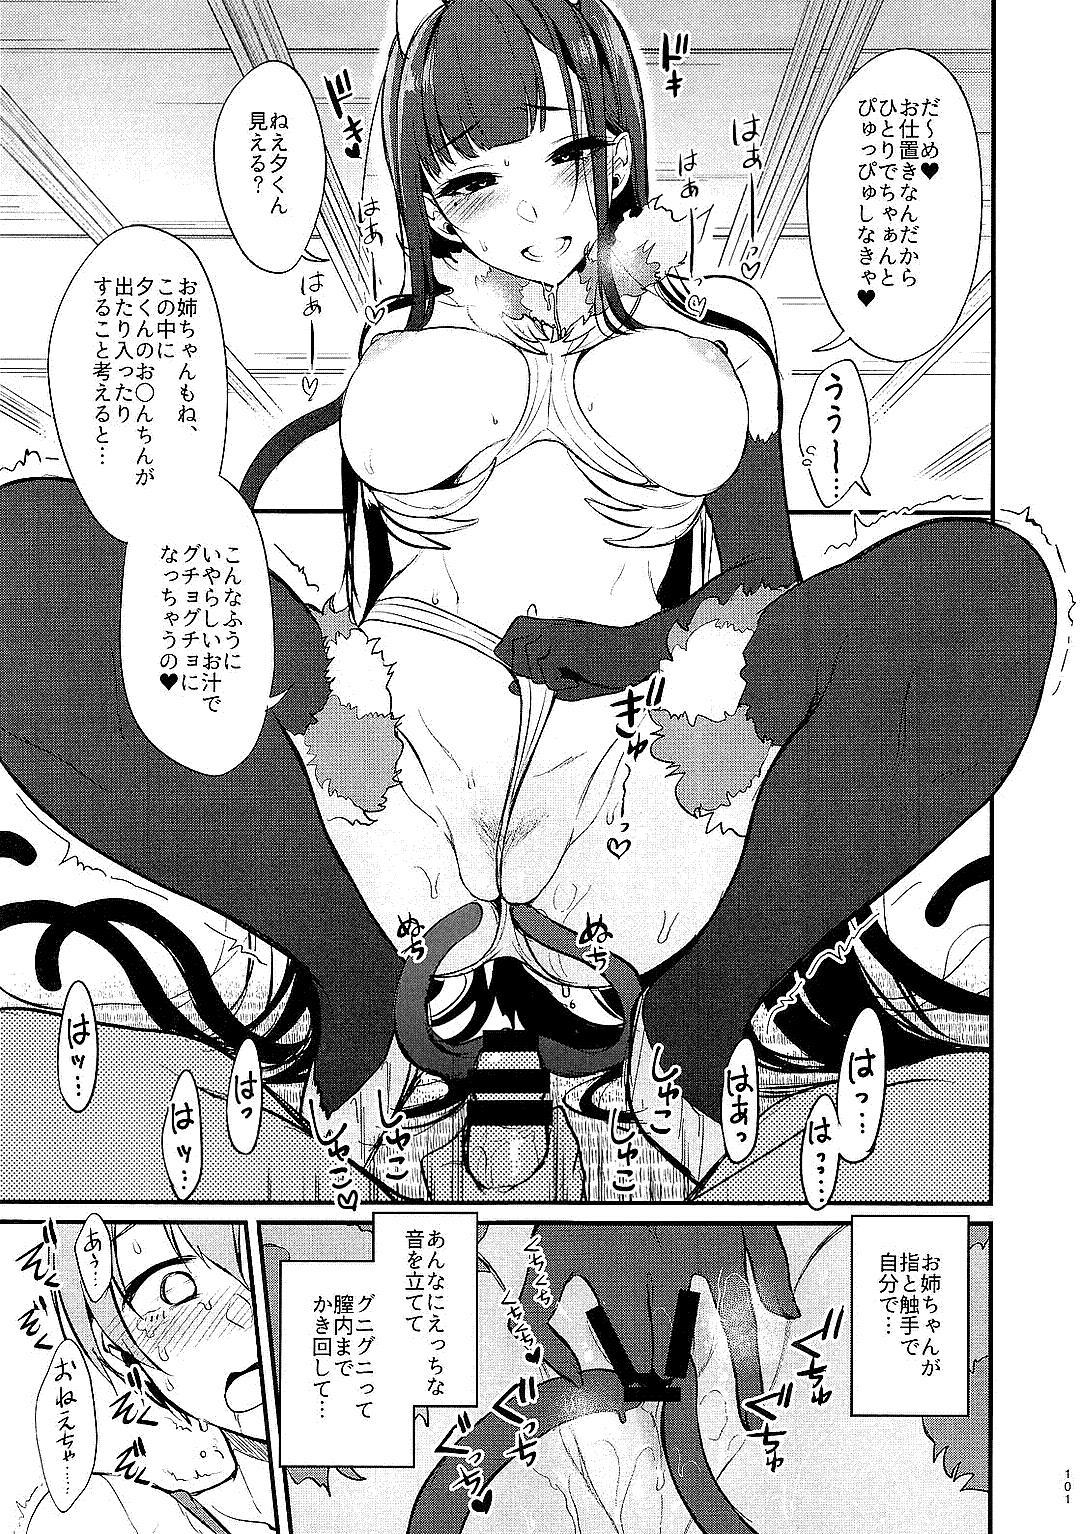 Ane Naru Mono Zenshuu 1 98